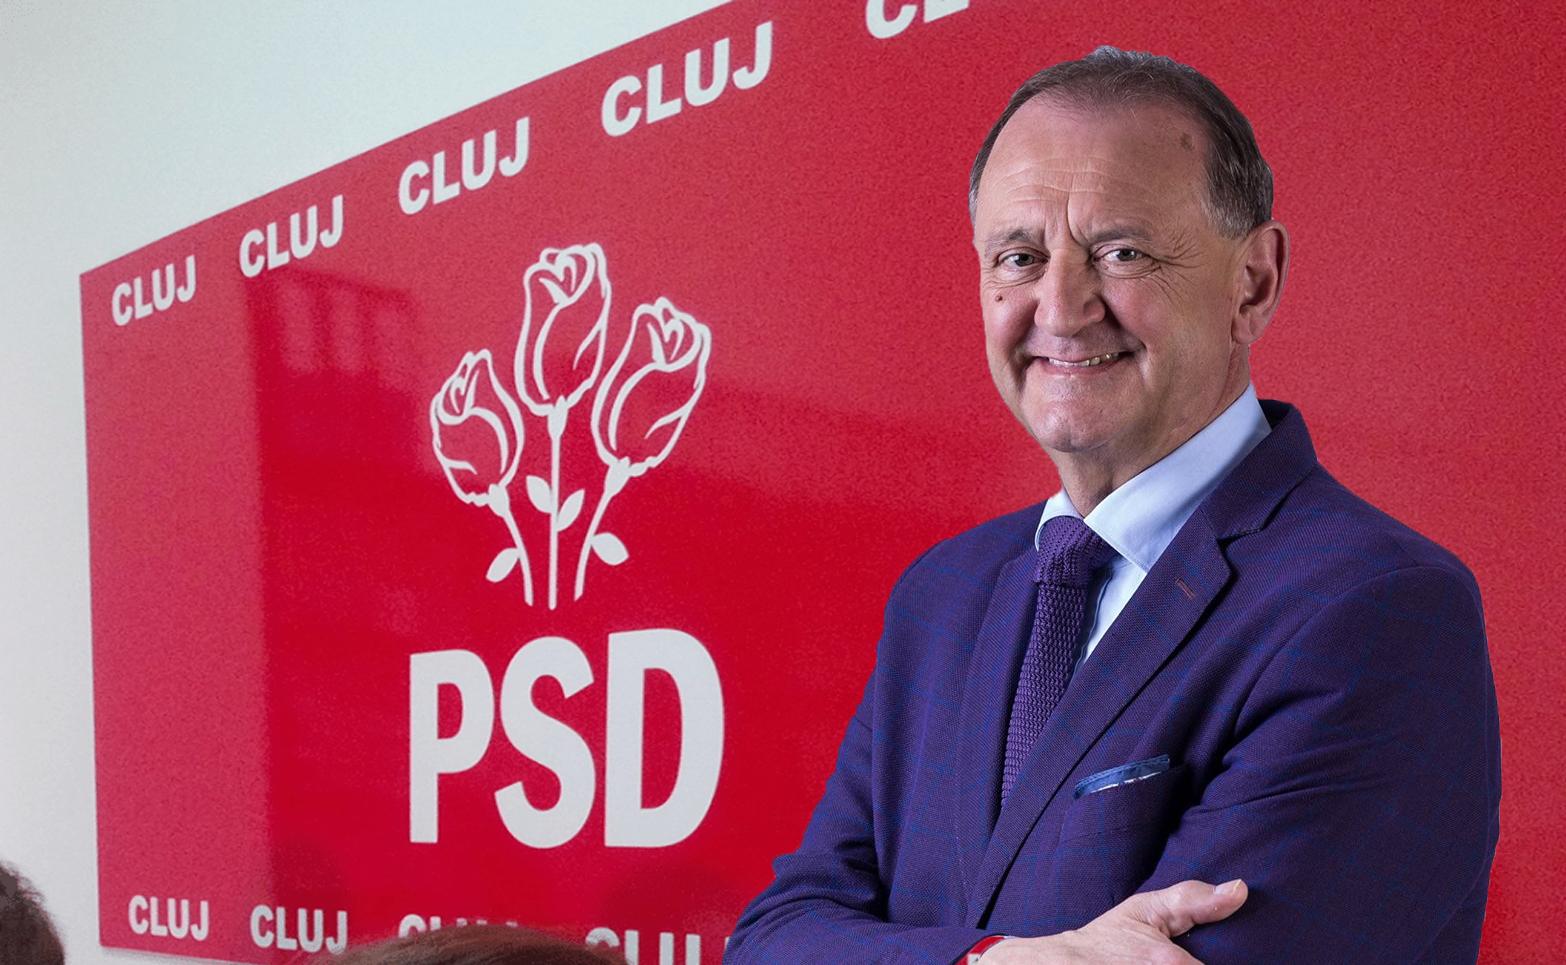 Traseistul politic Cristian Matei, fost membru PSD, va candida pentru un nou mandat la Primăria Turda din partea PNL